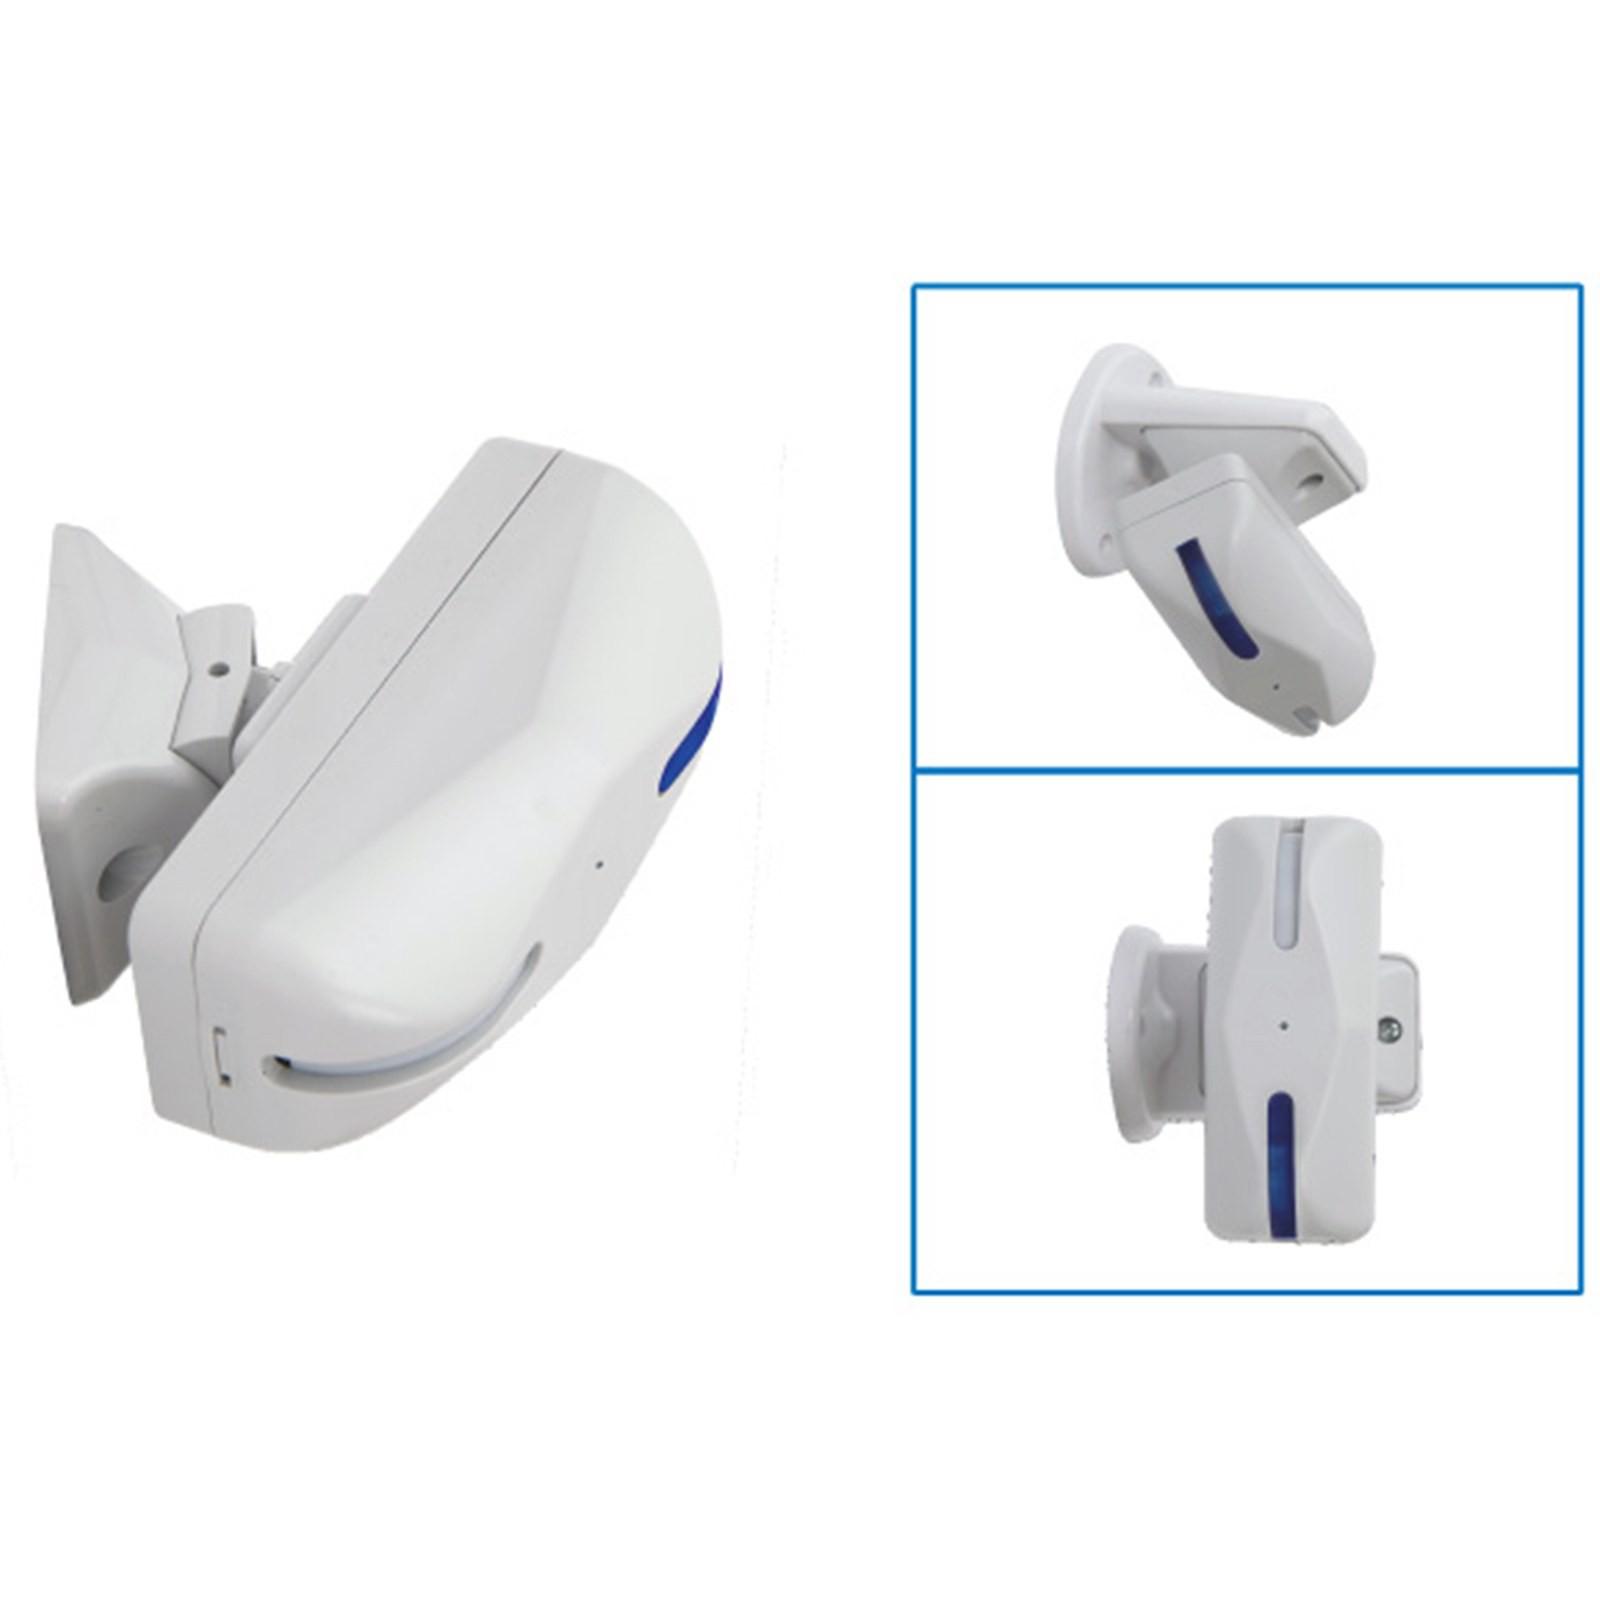 Sensore a Tenda Finestre per Allarme Antifurto Porte AQUARIUS Doppia Tecnologia Vultech Life AMC ...